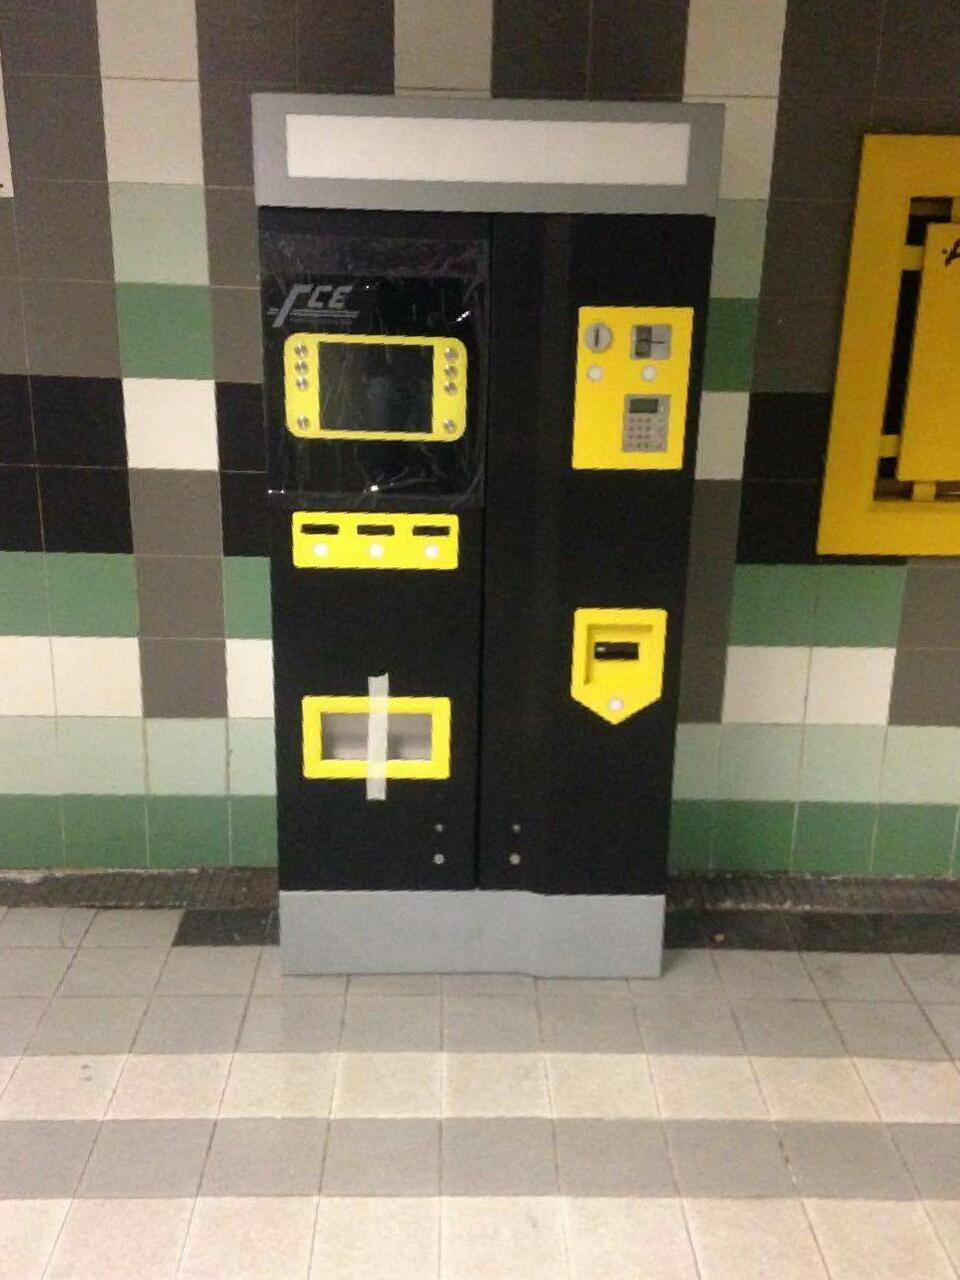 Nuova emittitrice self service presso la stazione Borgo della metropolitana (foto di Sevy Vallarelli)